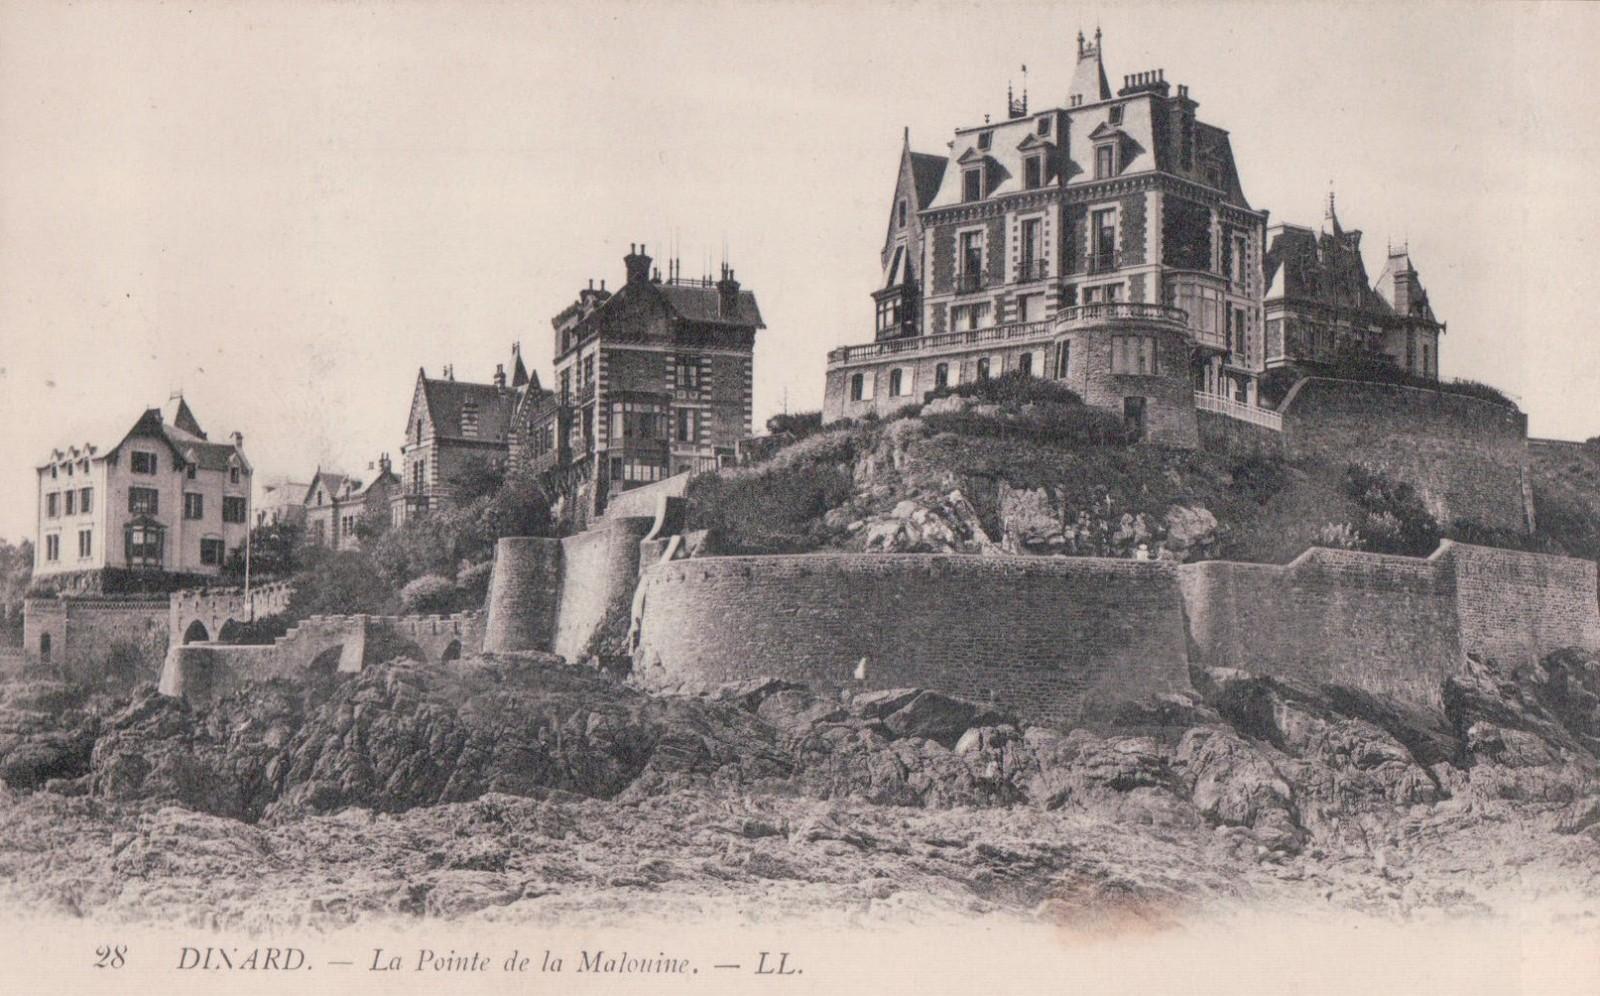 Vue d'ensemble de la villa avec ses imposants murs de soutènement – angle Nord/Est vers 1900 (collection personnelle).